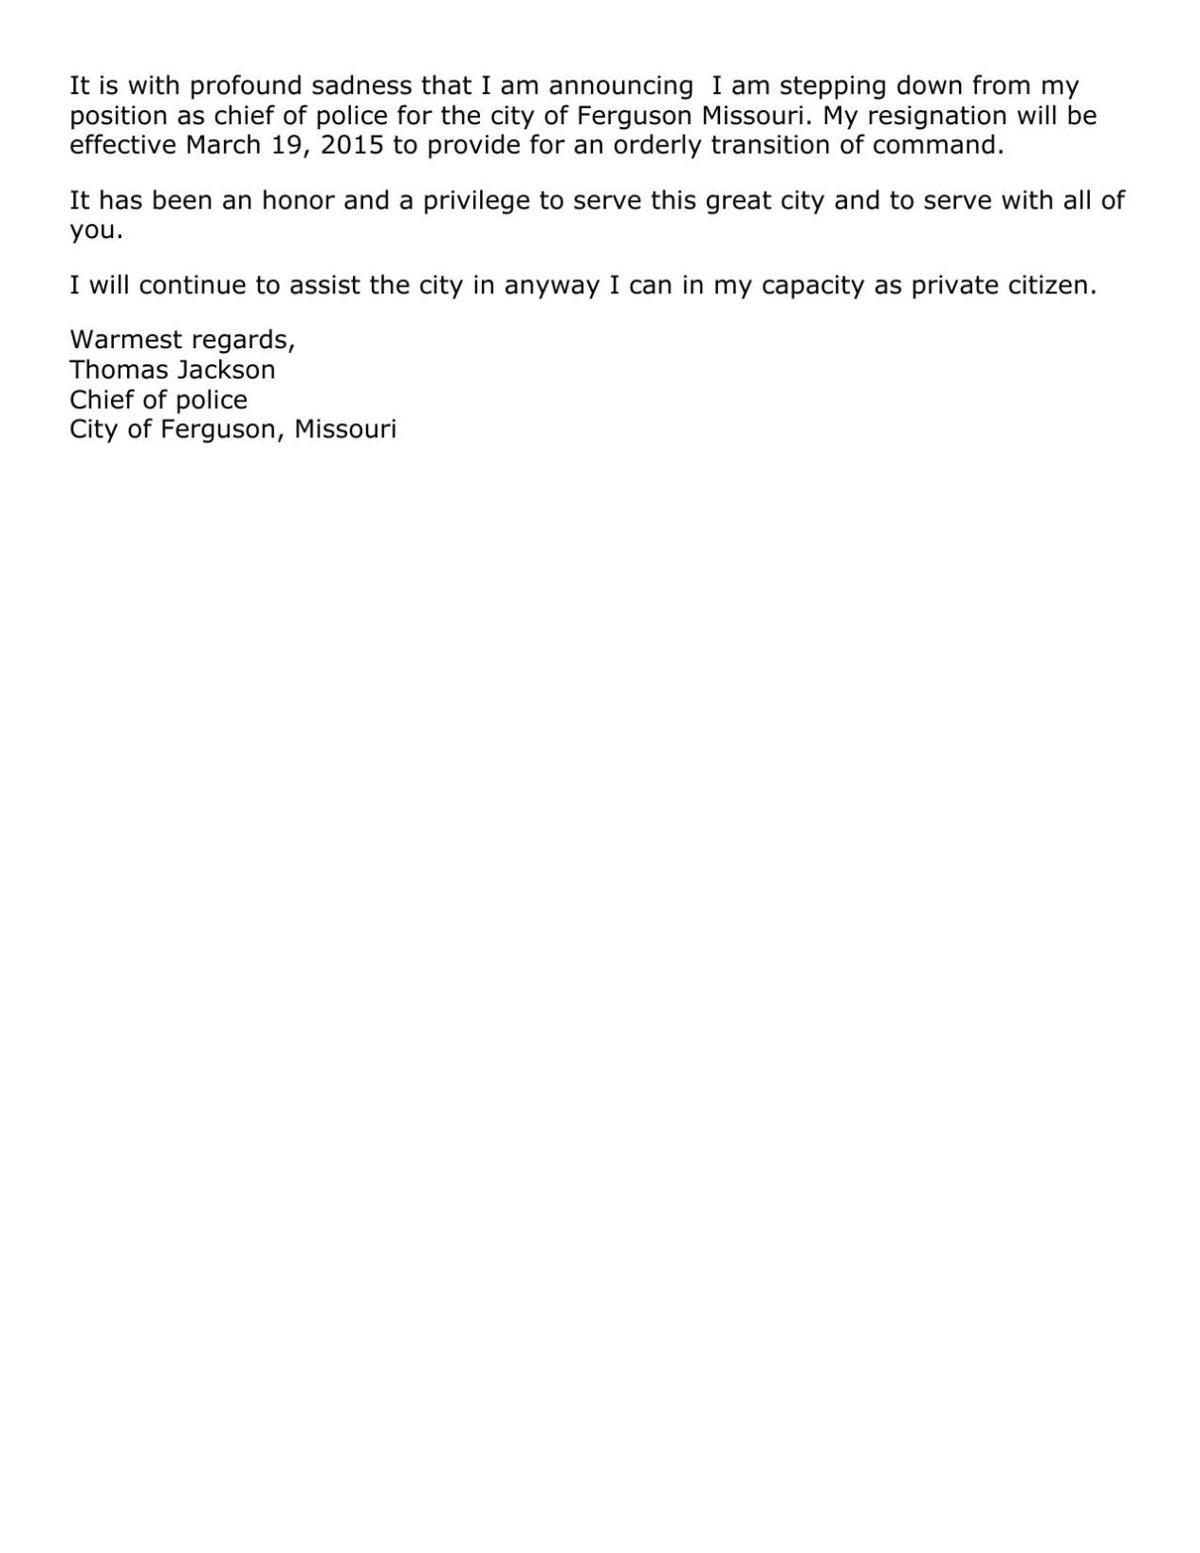 Tom Jackson's resignation letter